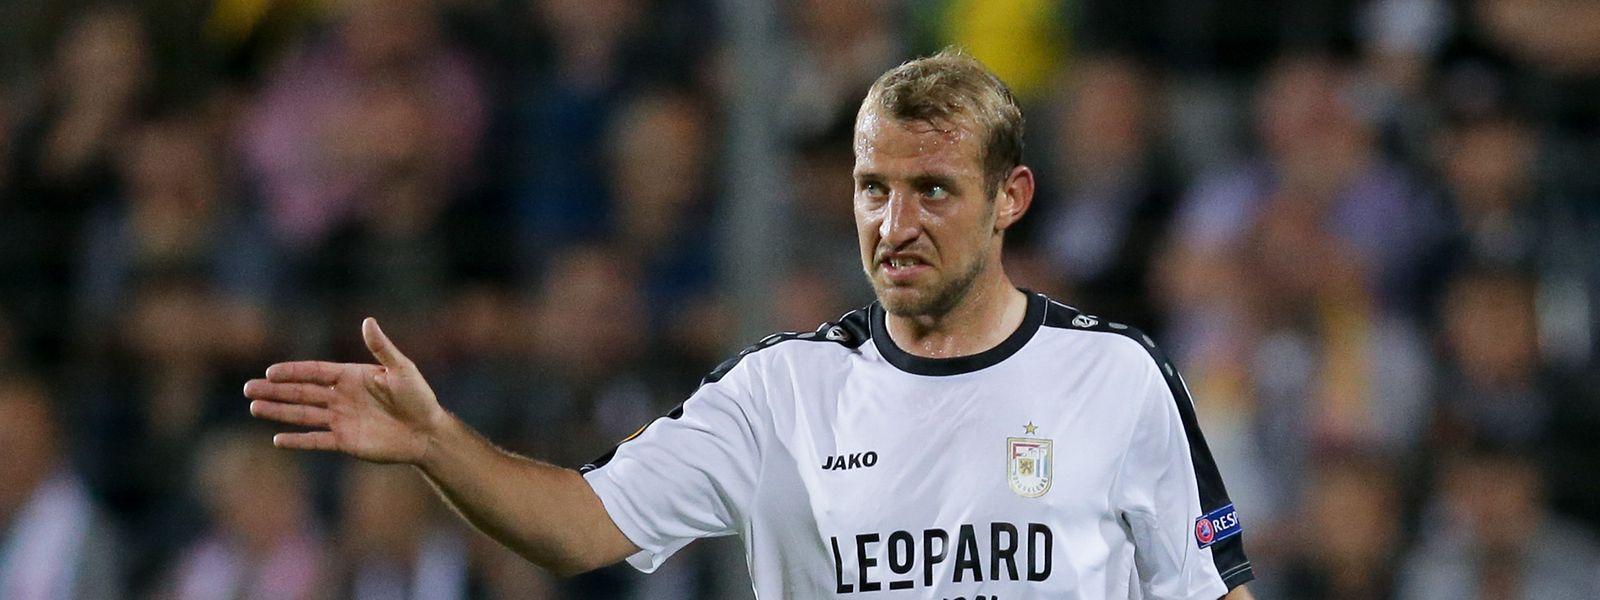 Dominik Stolz zählt bei F91 zu den wichtigsten Leistungsträgern.